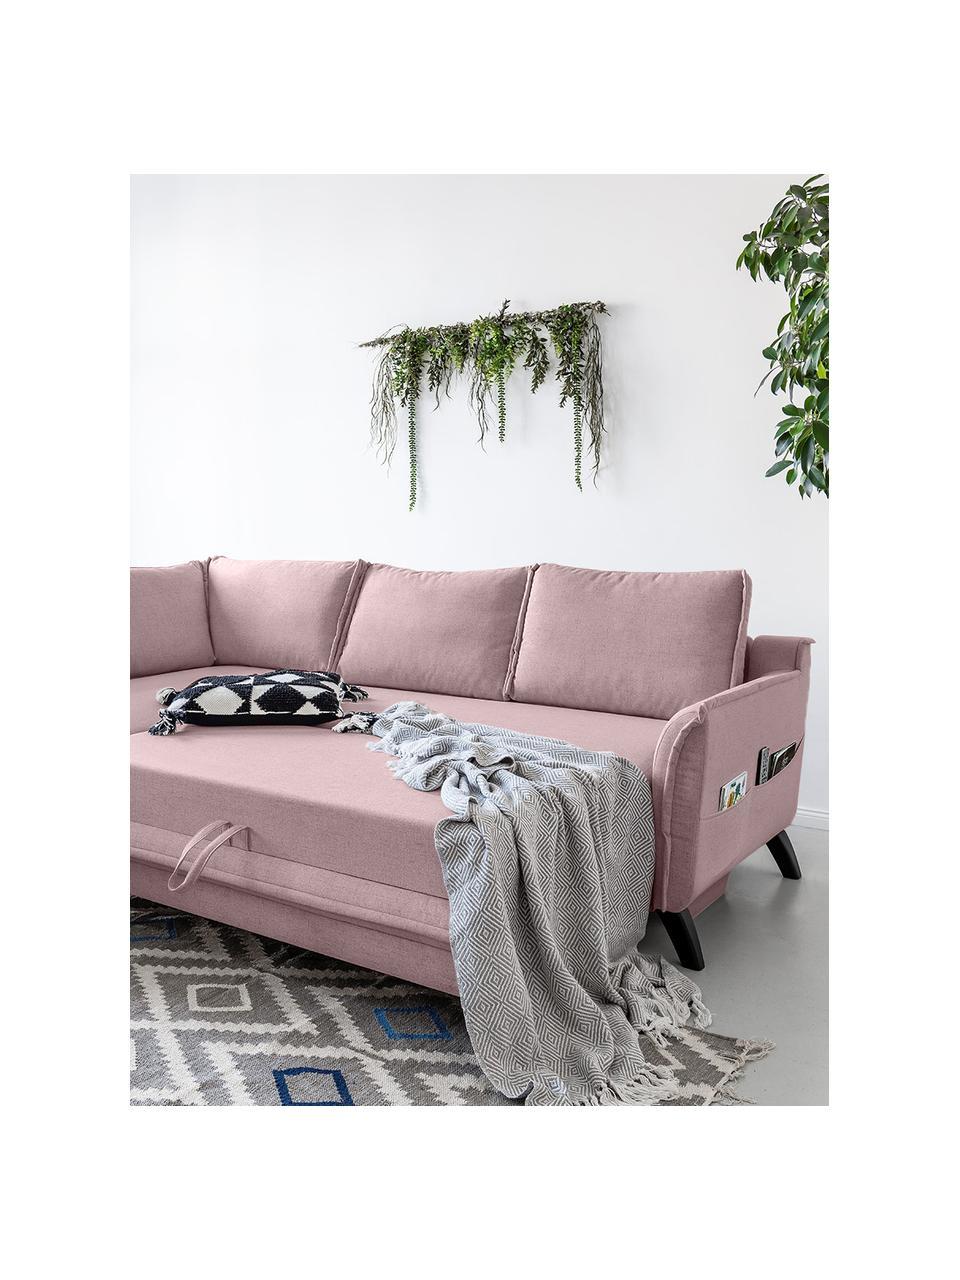 Sofa narożna z funkcją spania Charming Charlie, Tapicerka: 100% poliester, w dotyku , Stelaż: drewno naturalne, płyta w, Brudny różowy, S 230 x G 200 cm